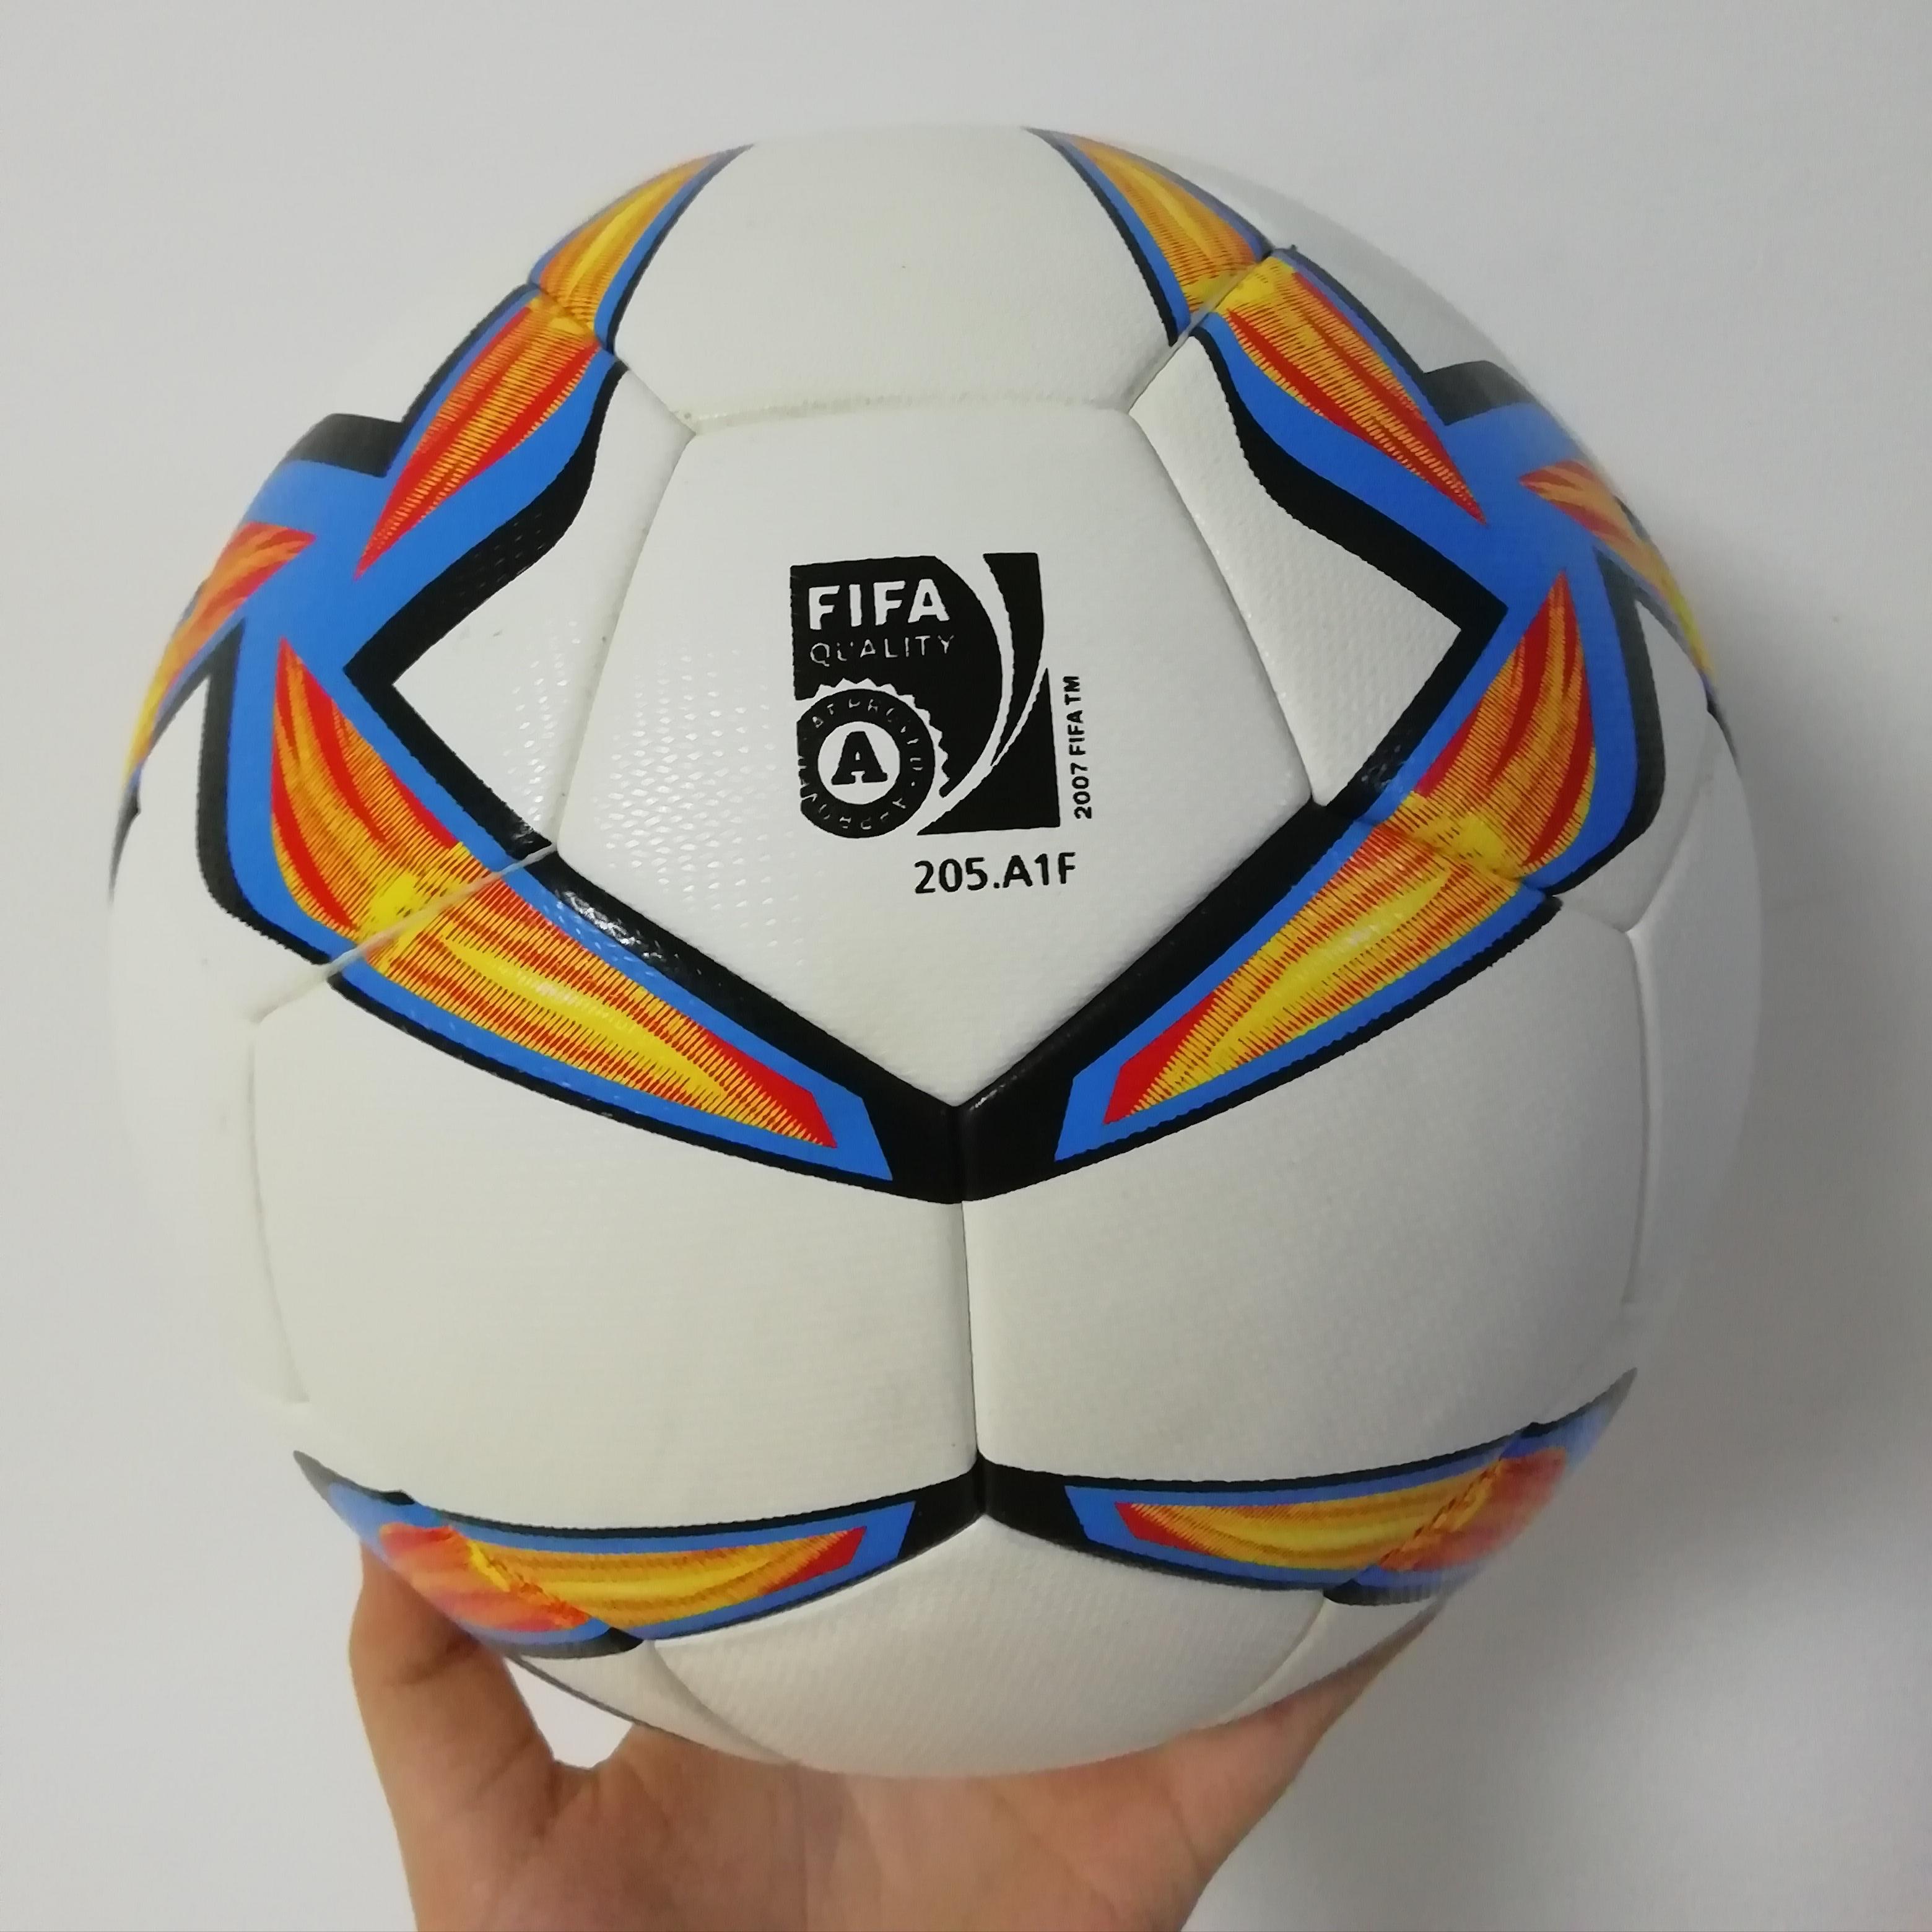 32f50a74b China Molten Futsal Ball, China Molten Futsal Ball Manufacturers and  Suppliers on Alibaba.com